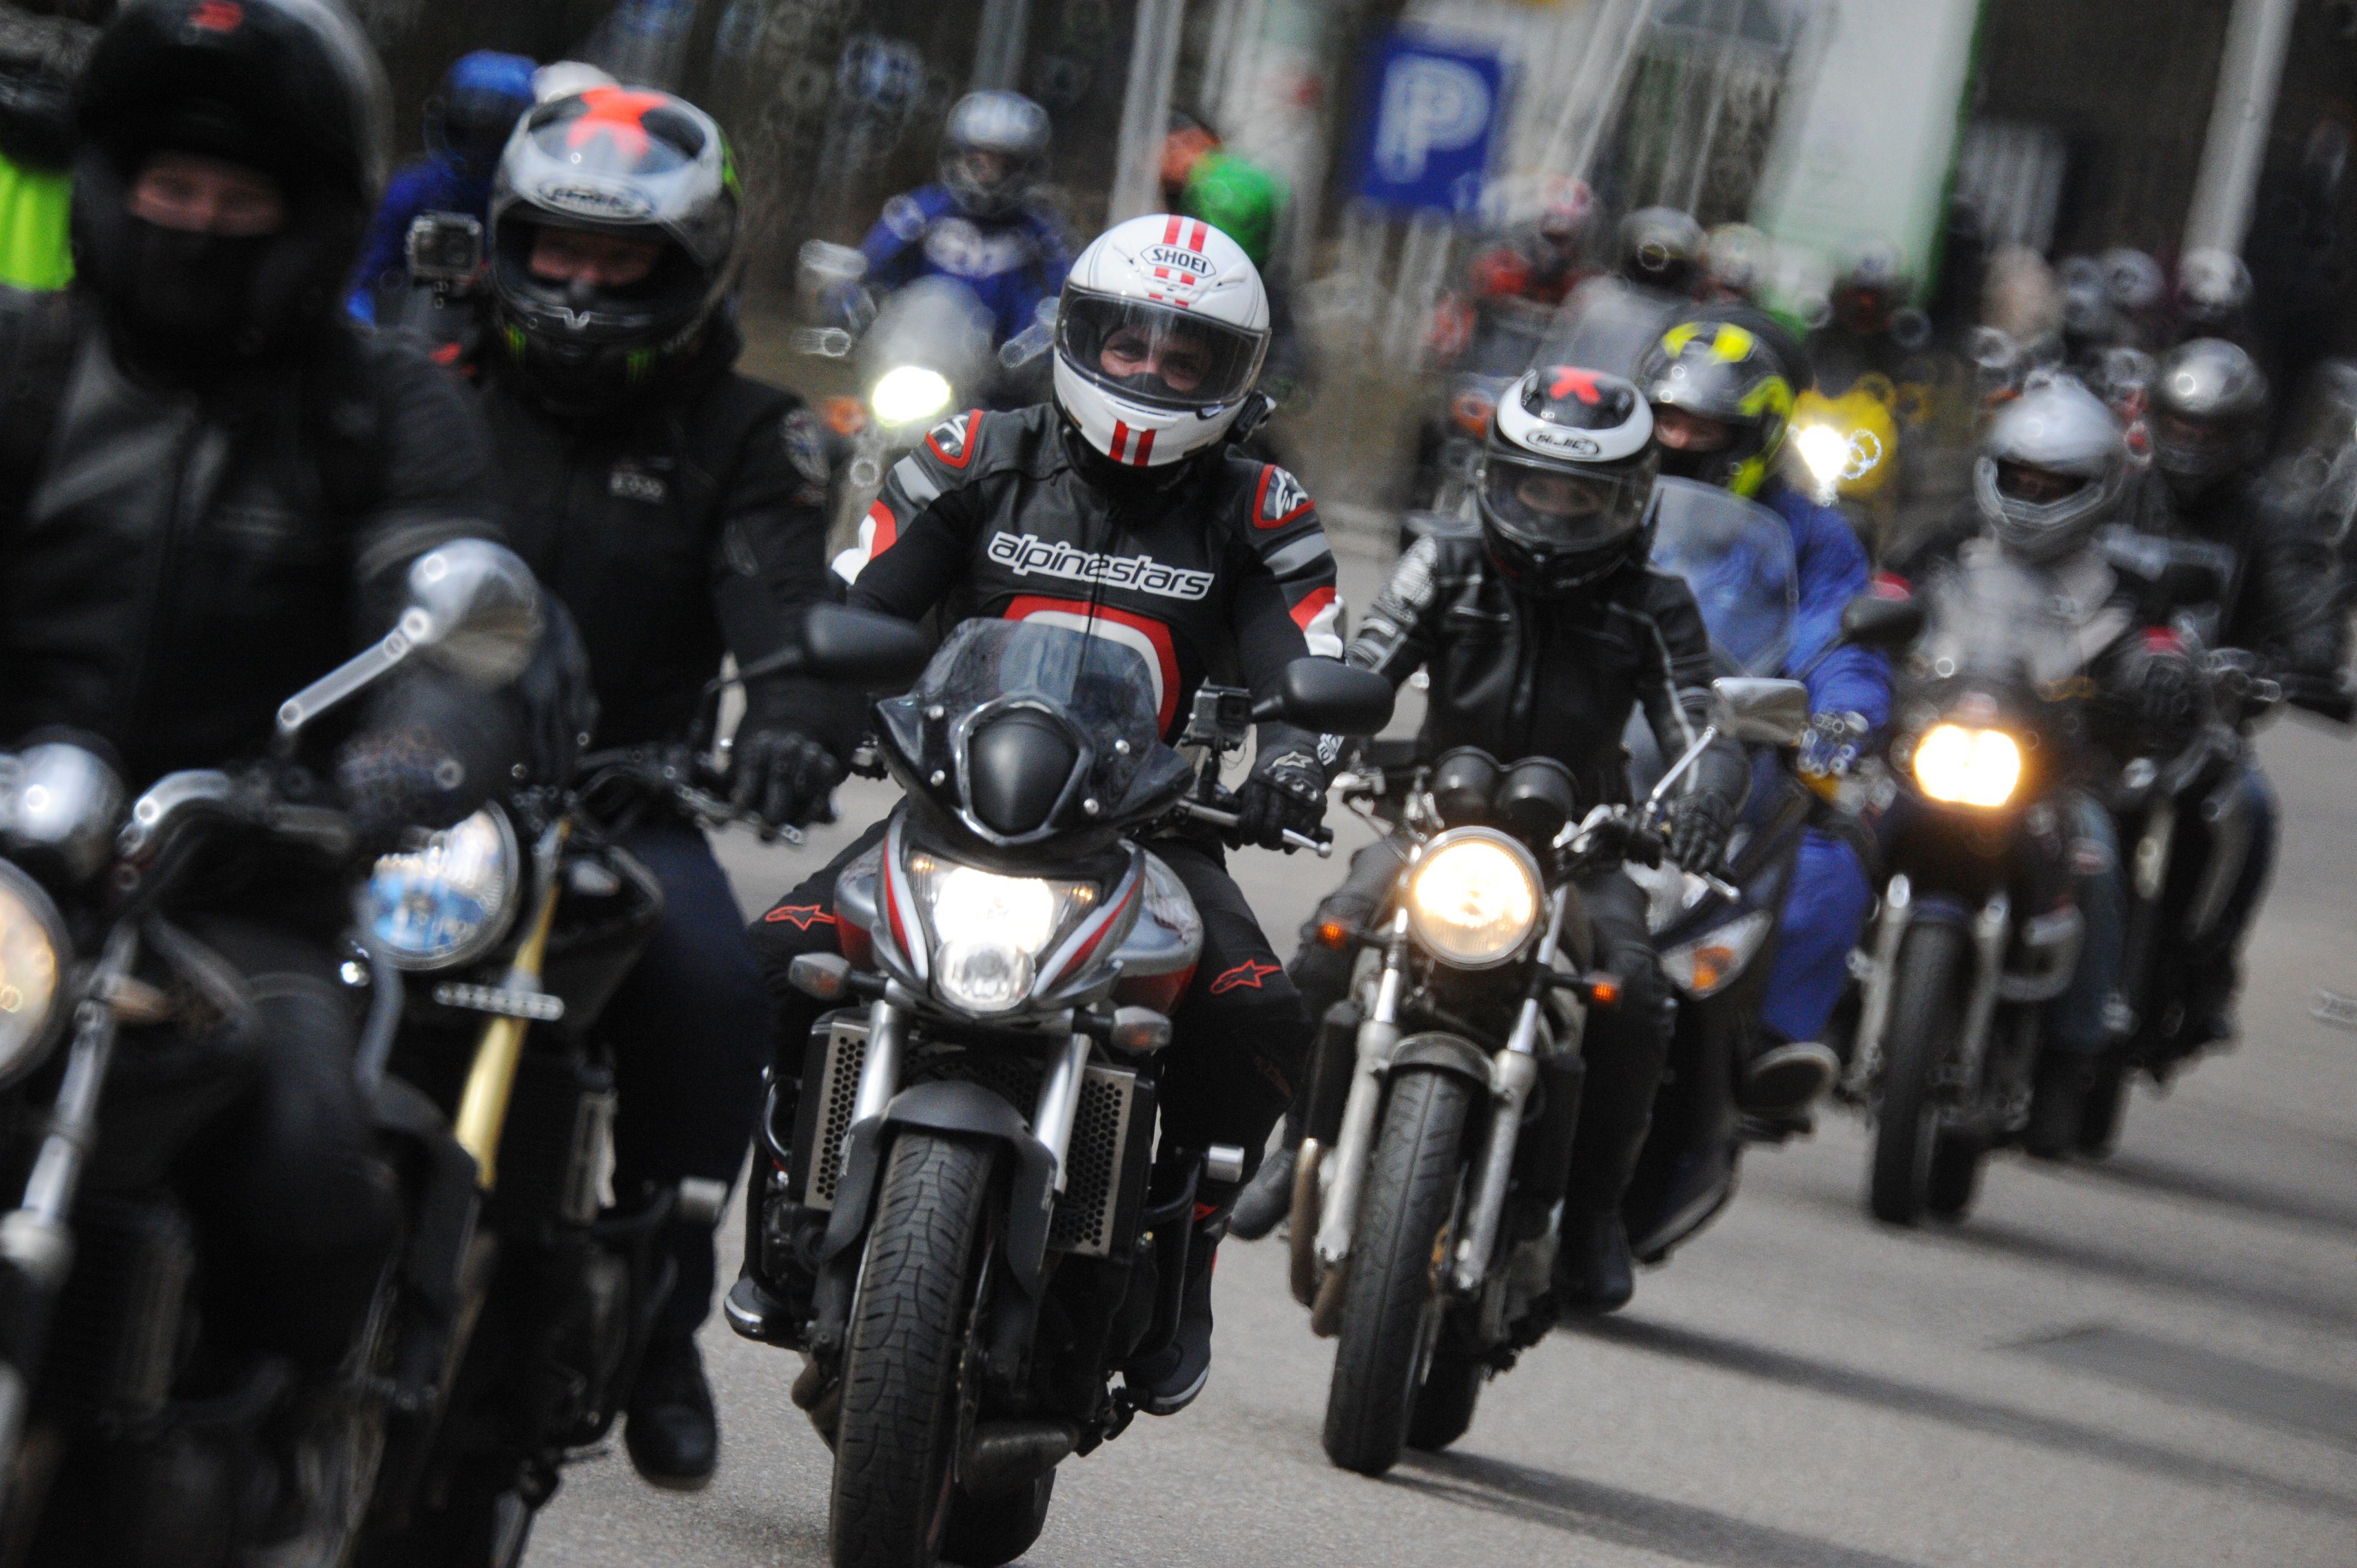 Московских мотоциклистов призвали не устраивать массовых встреч